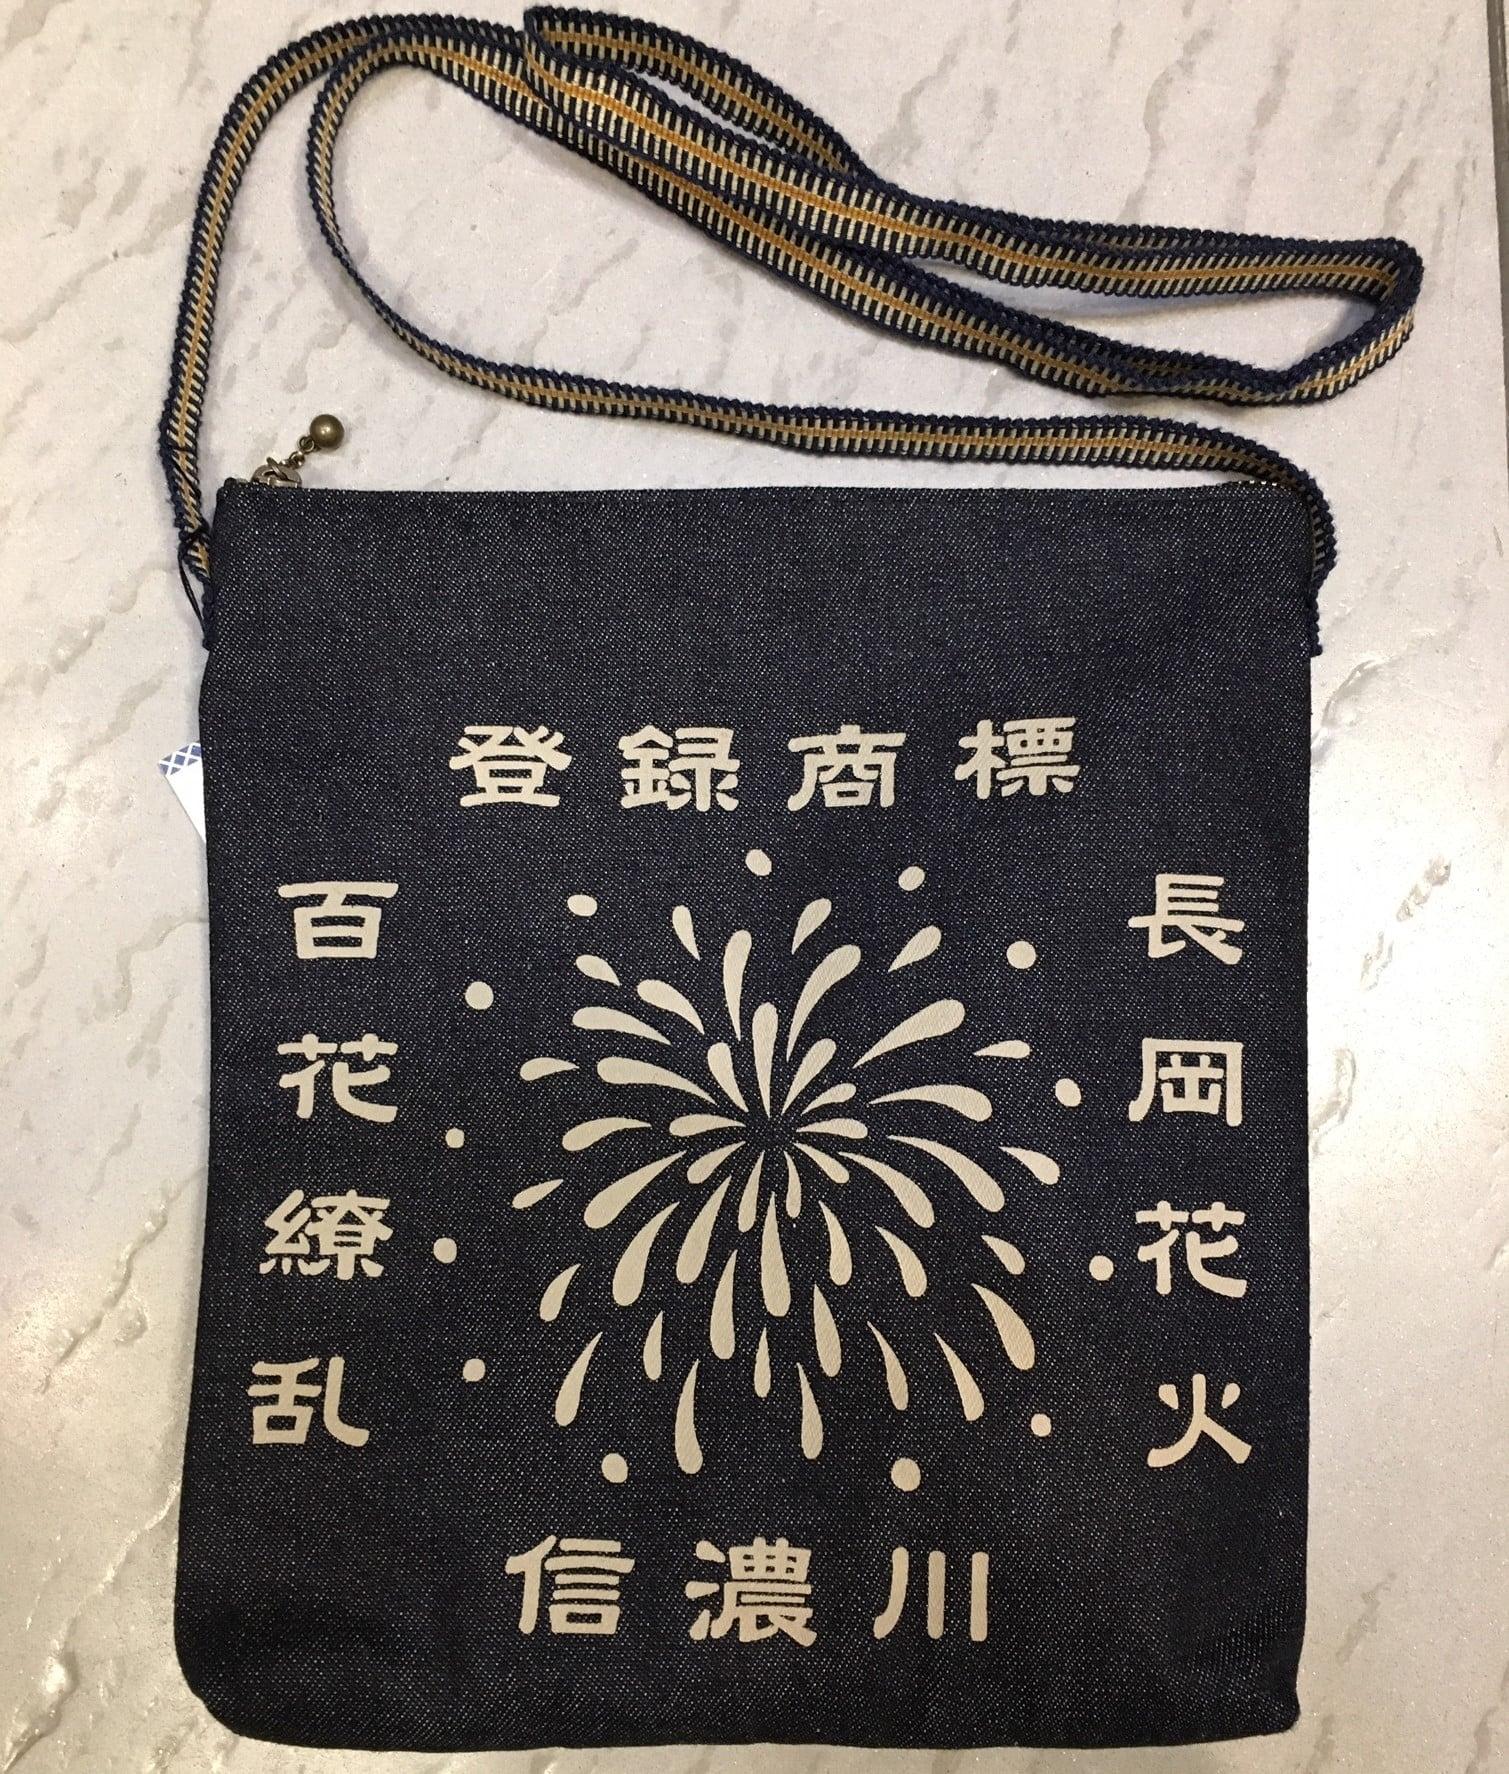 登録商標信濃川|デニムポシェット